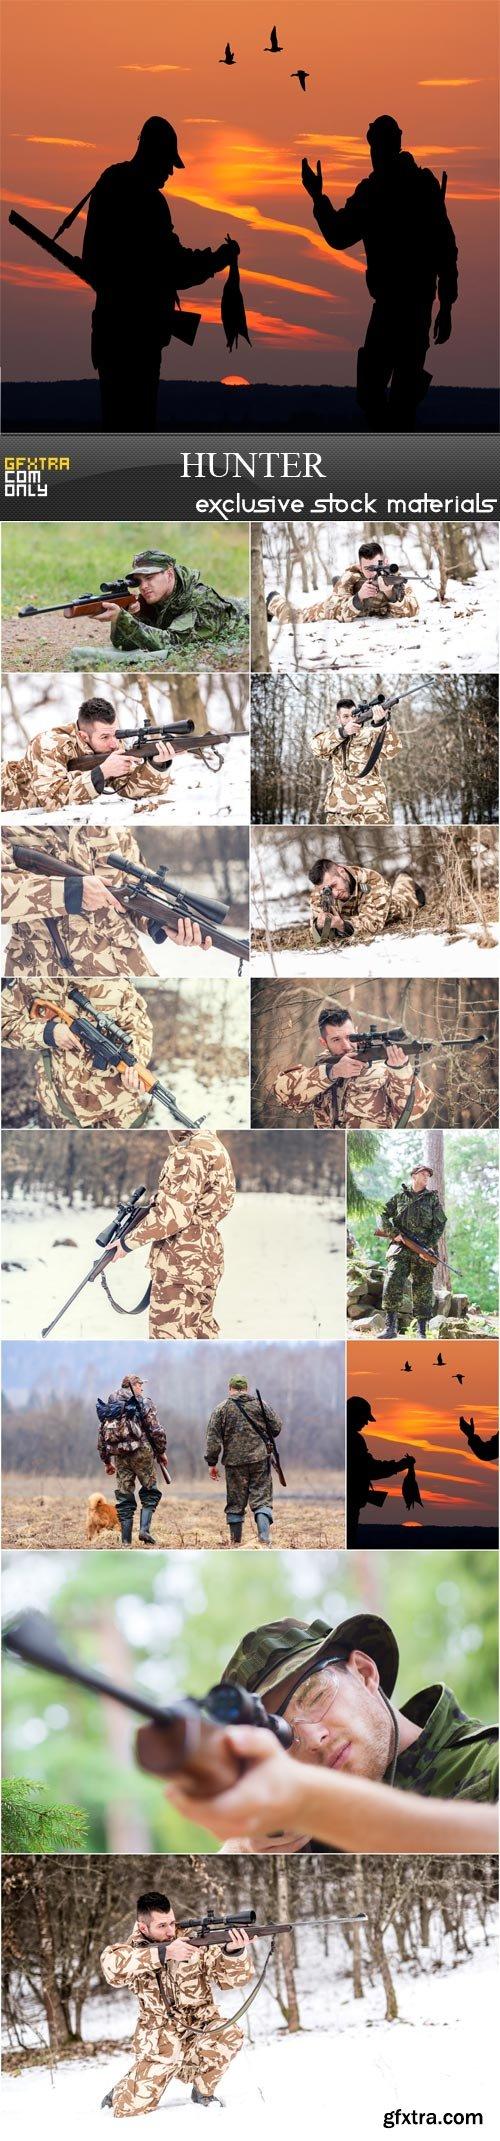 Hunter,14x UHQ JPEG